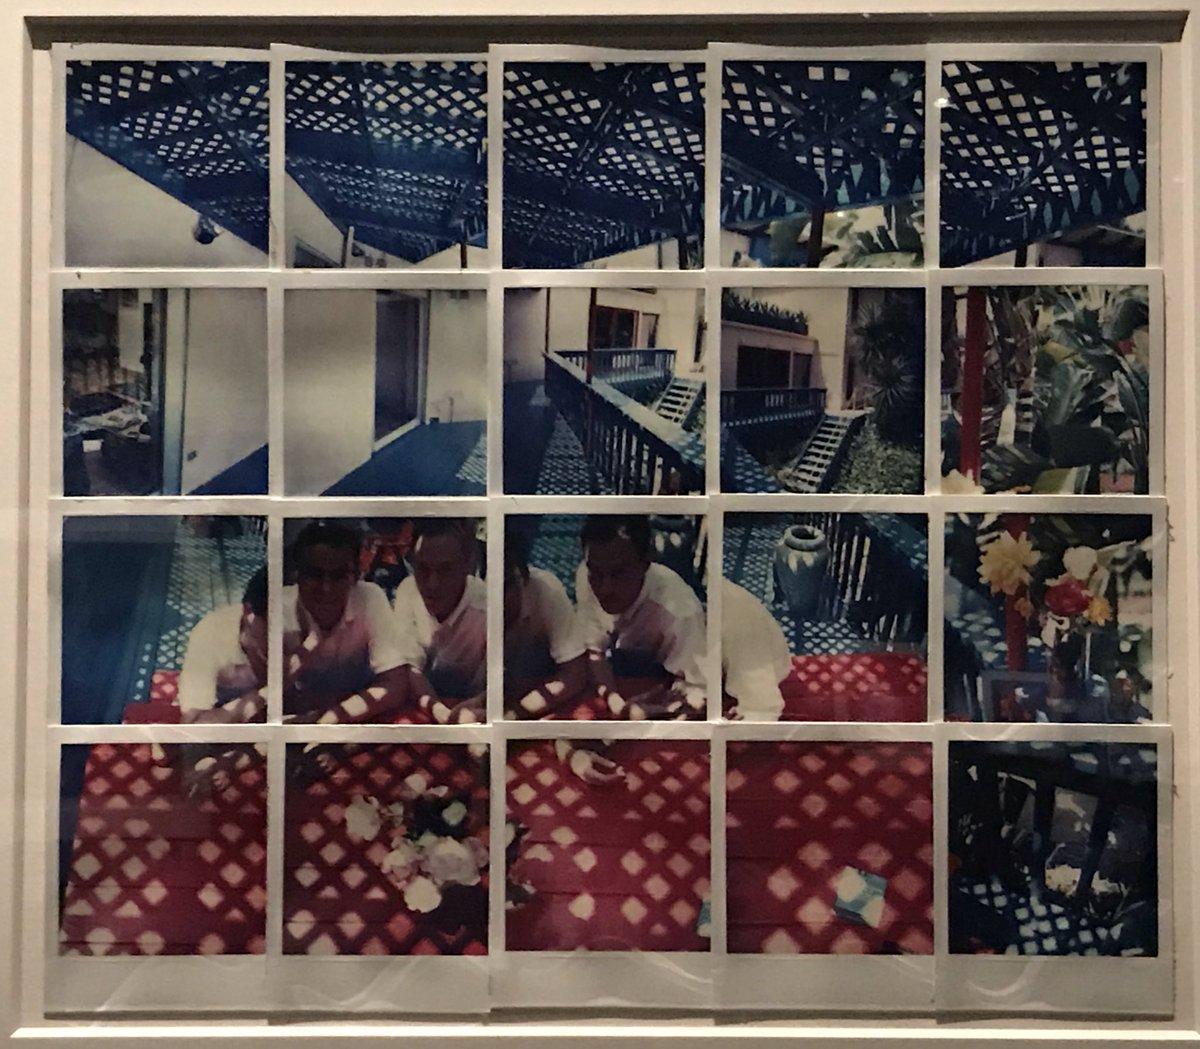 David Hockney (1986)